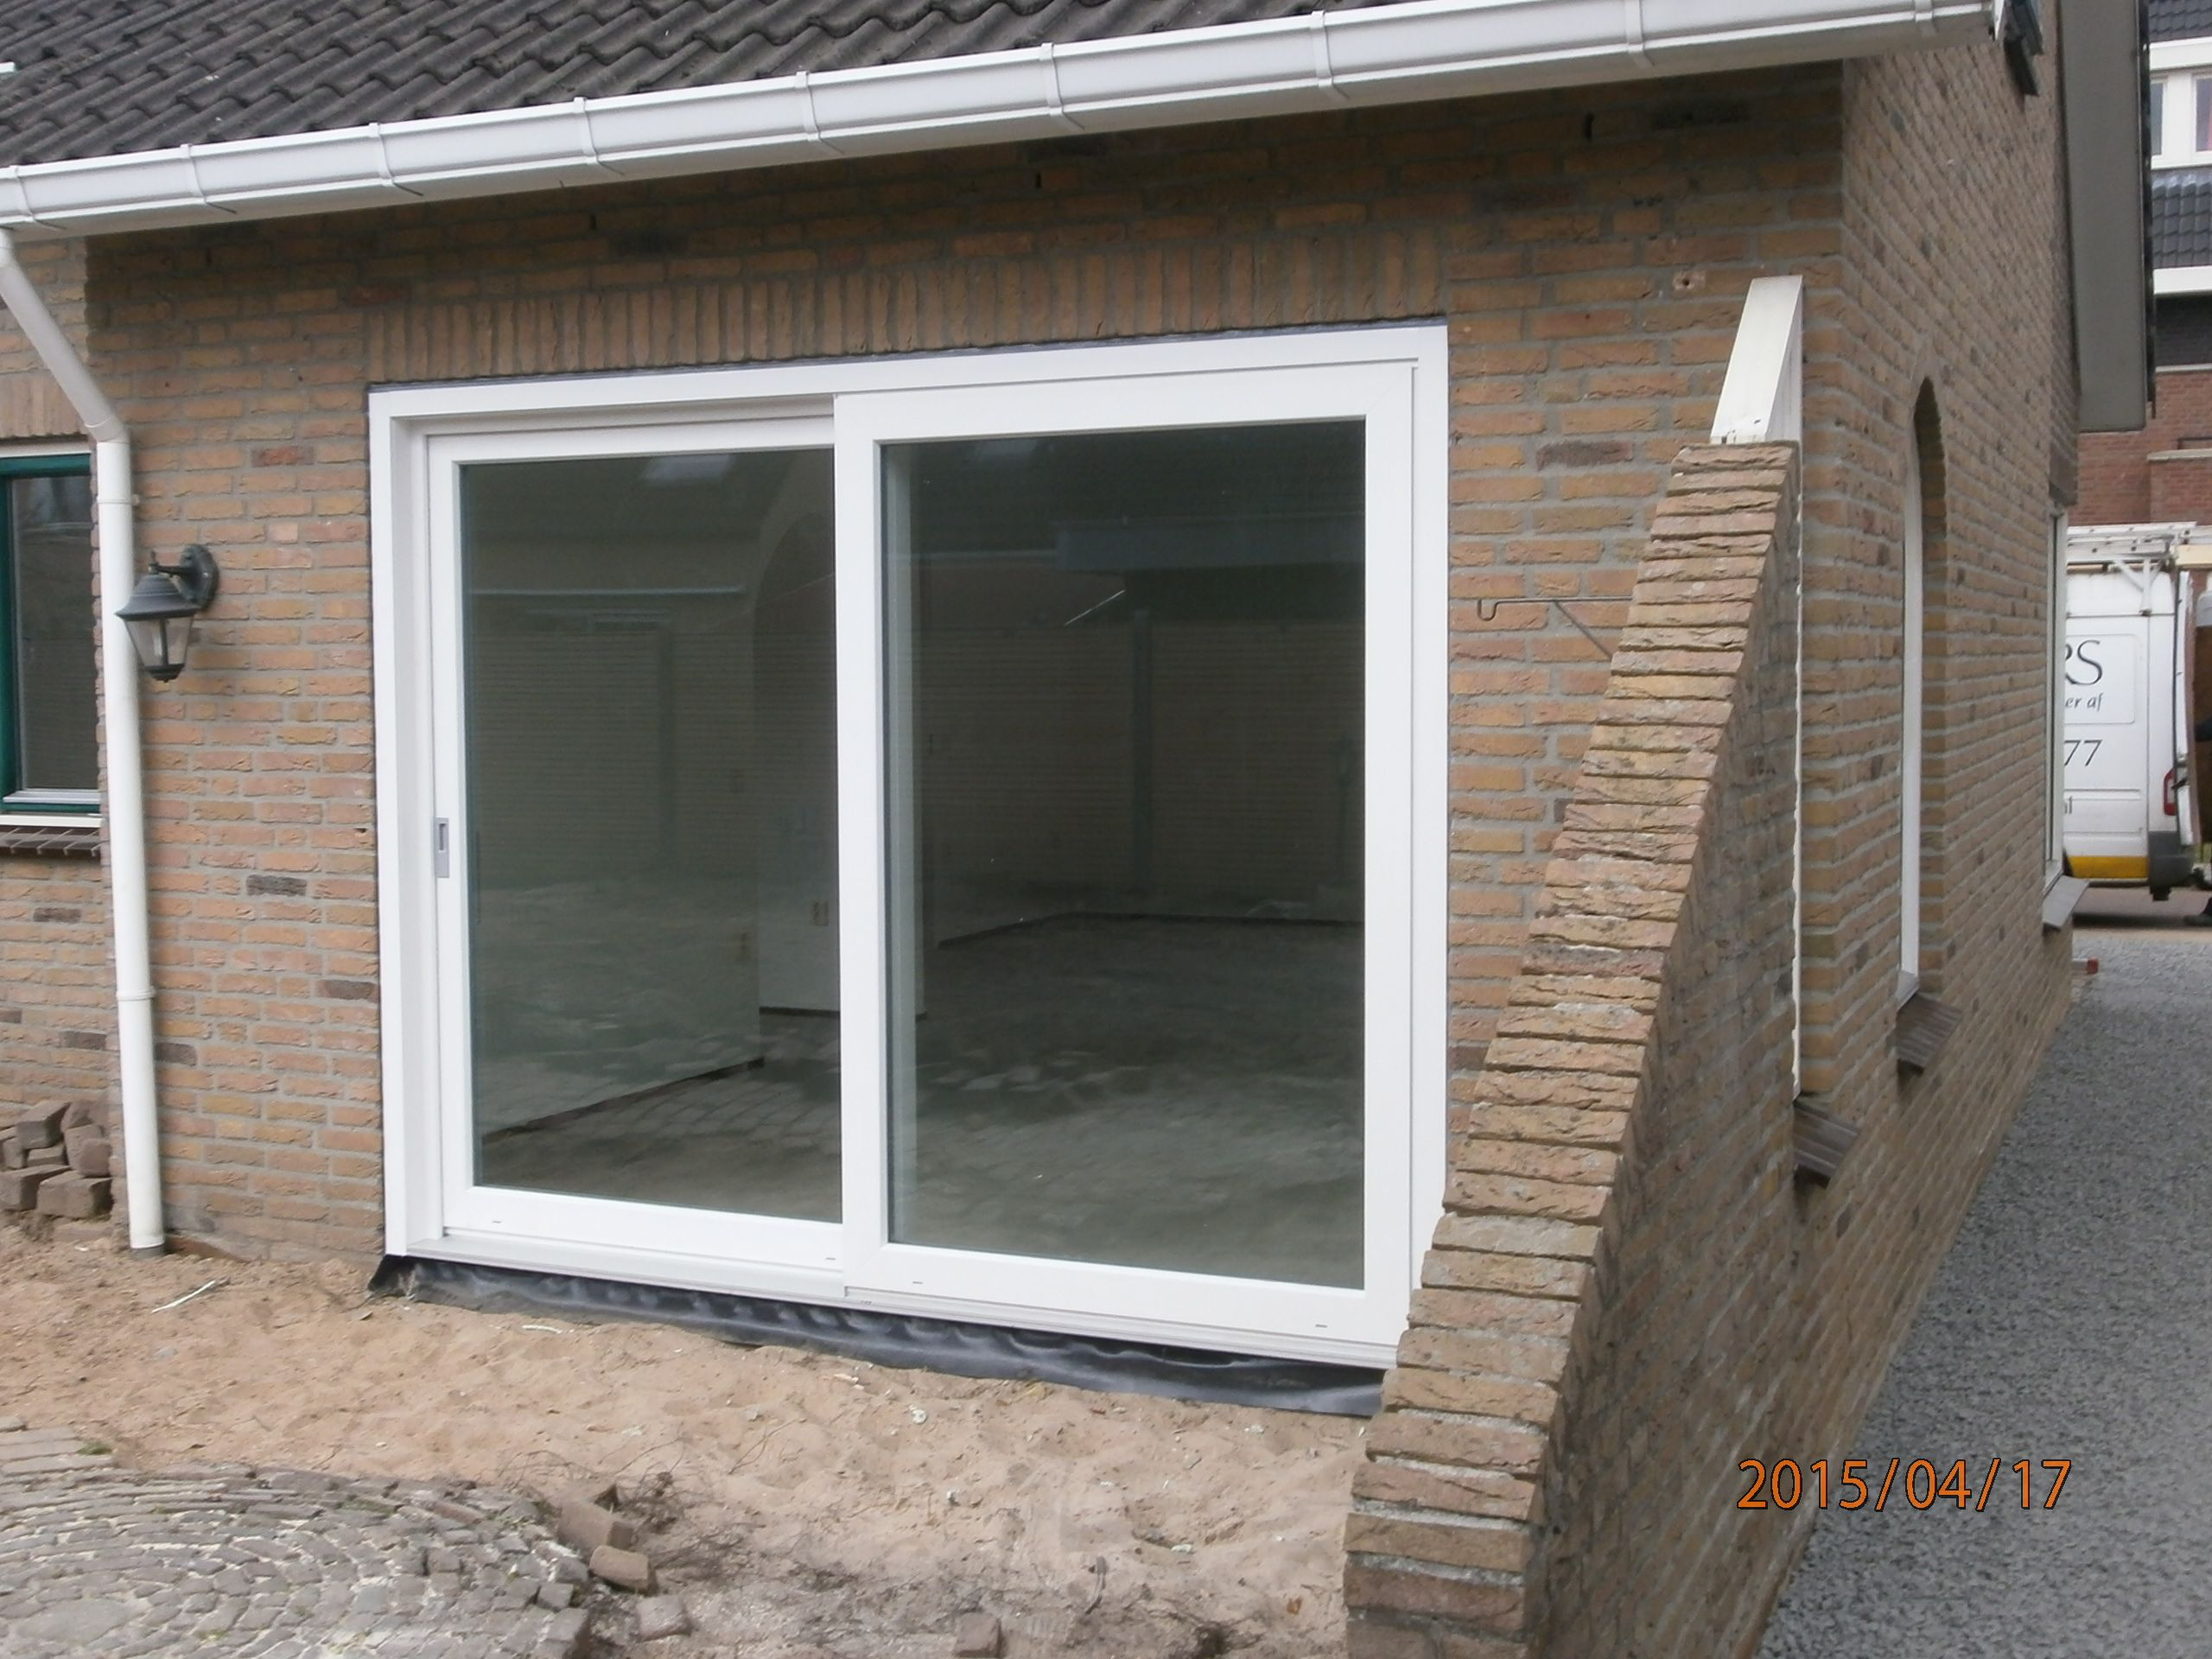 Mooie Bogers schuifpui www.bogers.nl Deuren